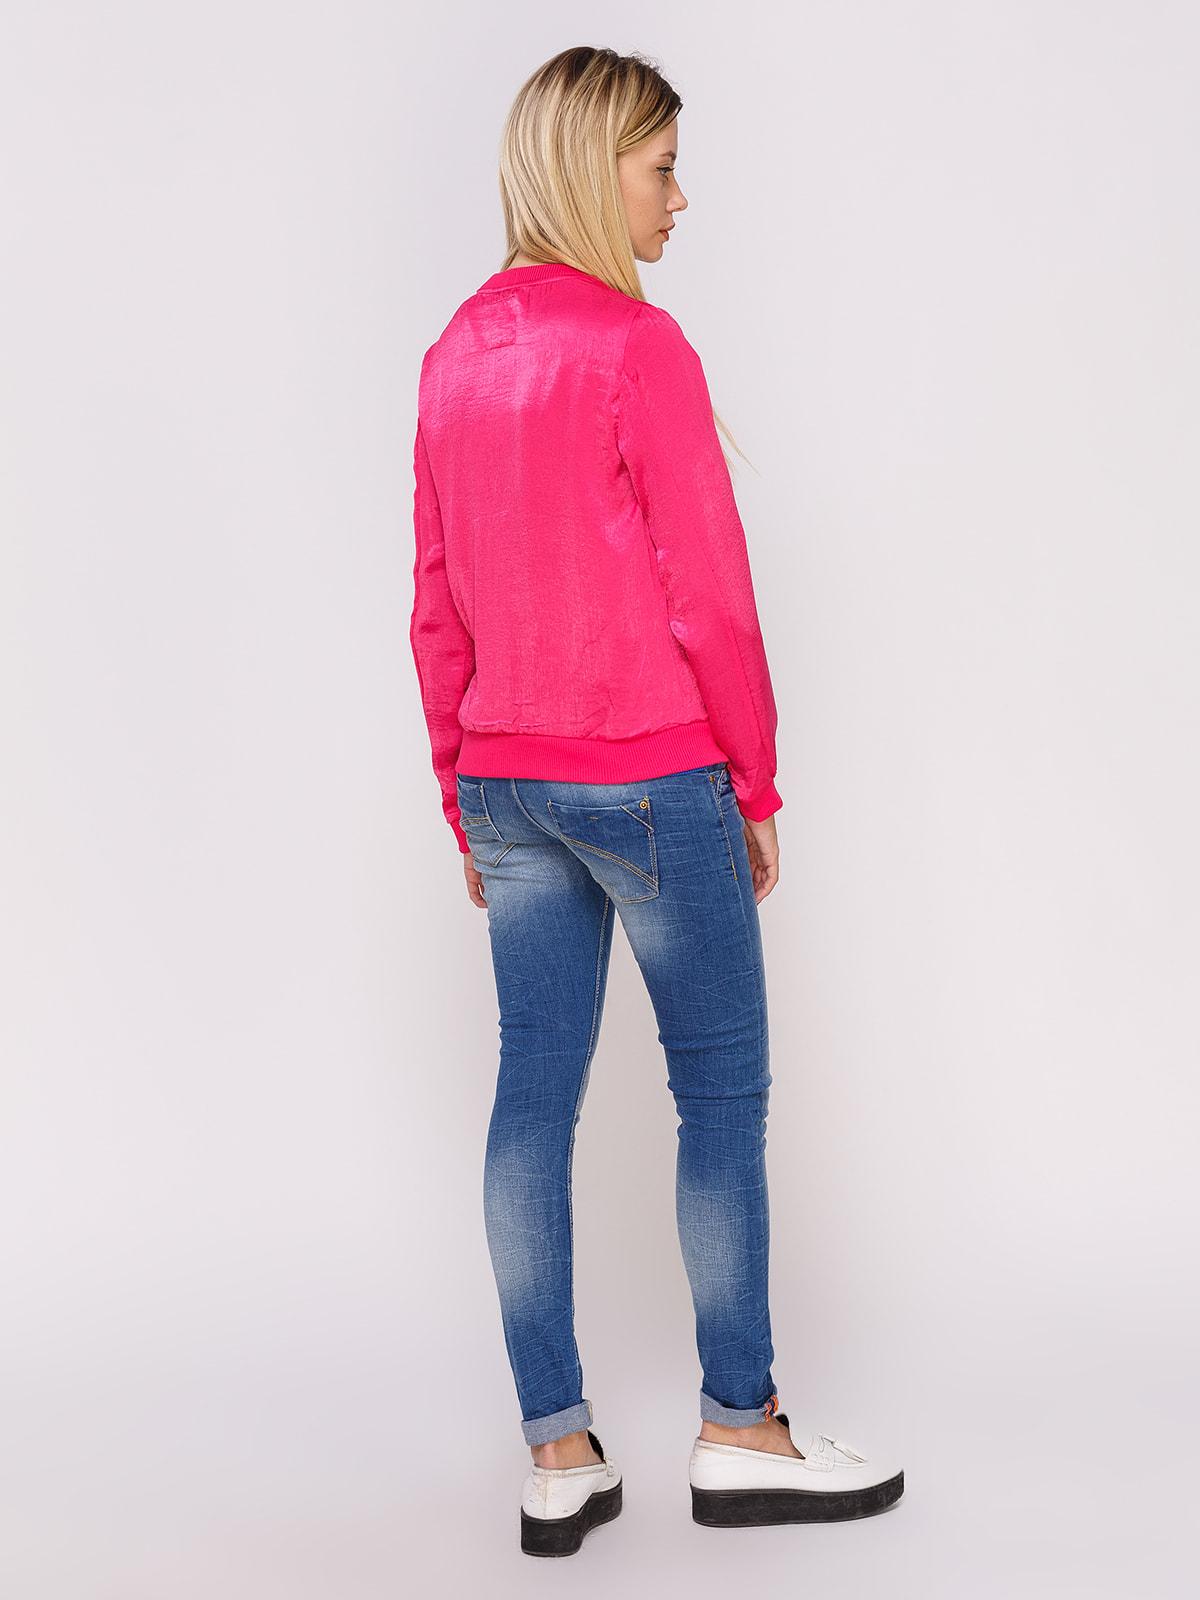 Бомбер рожевий   4627041   фото 3